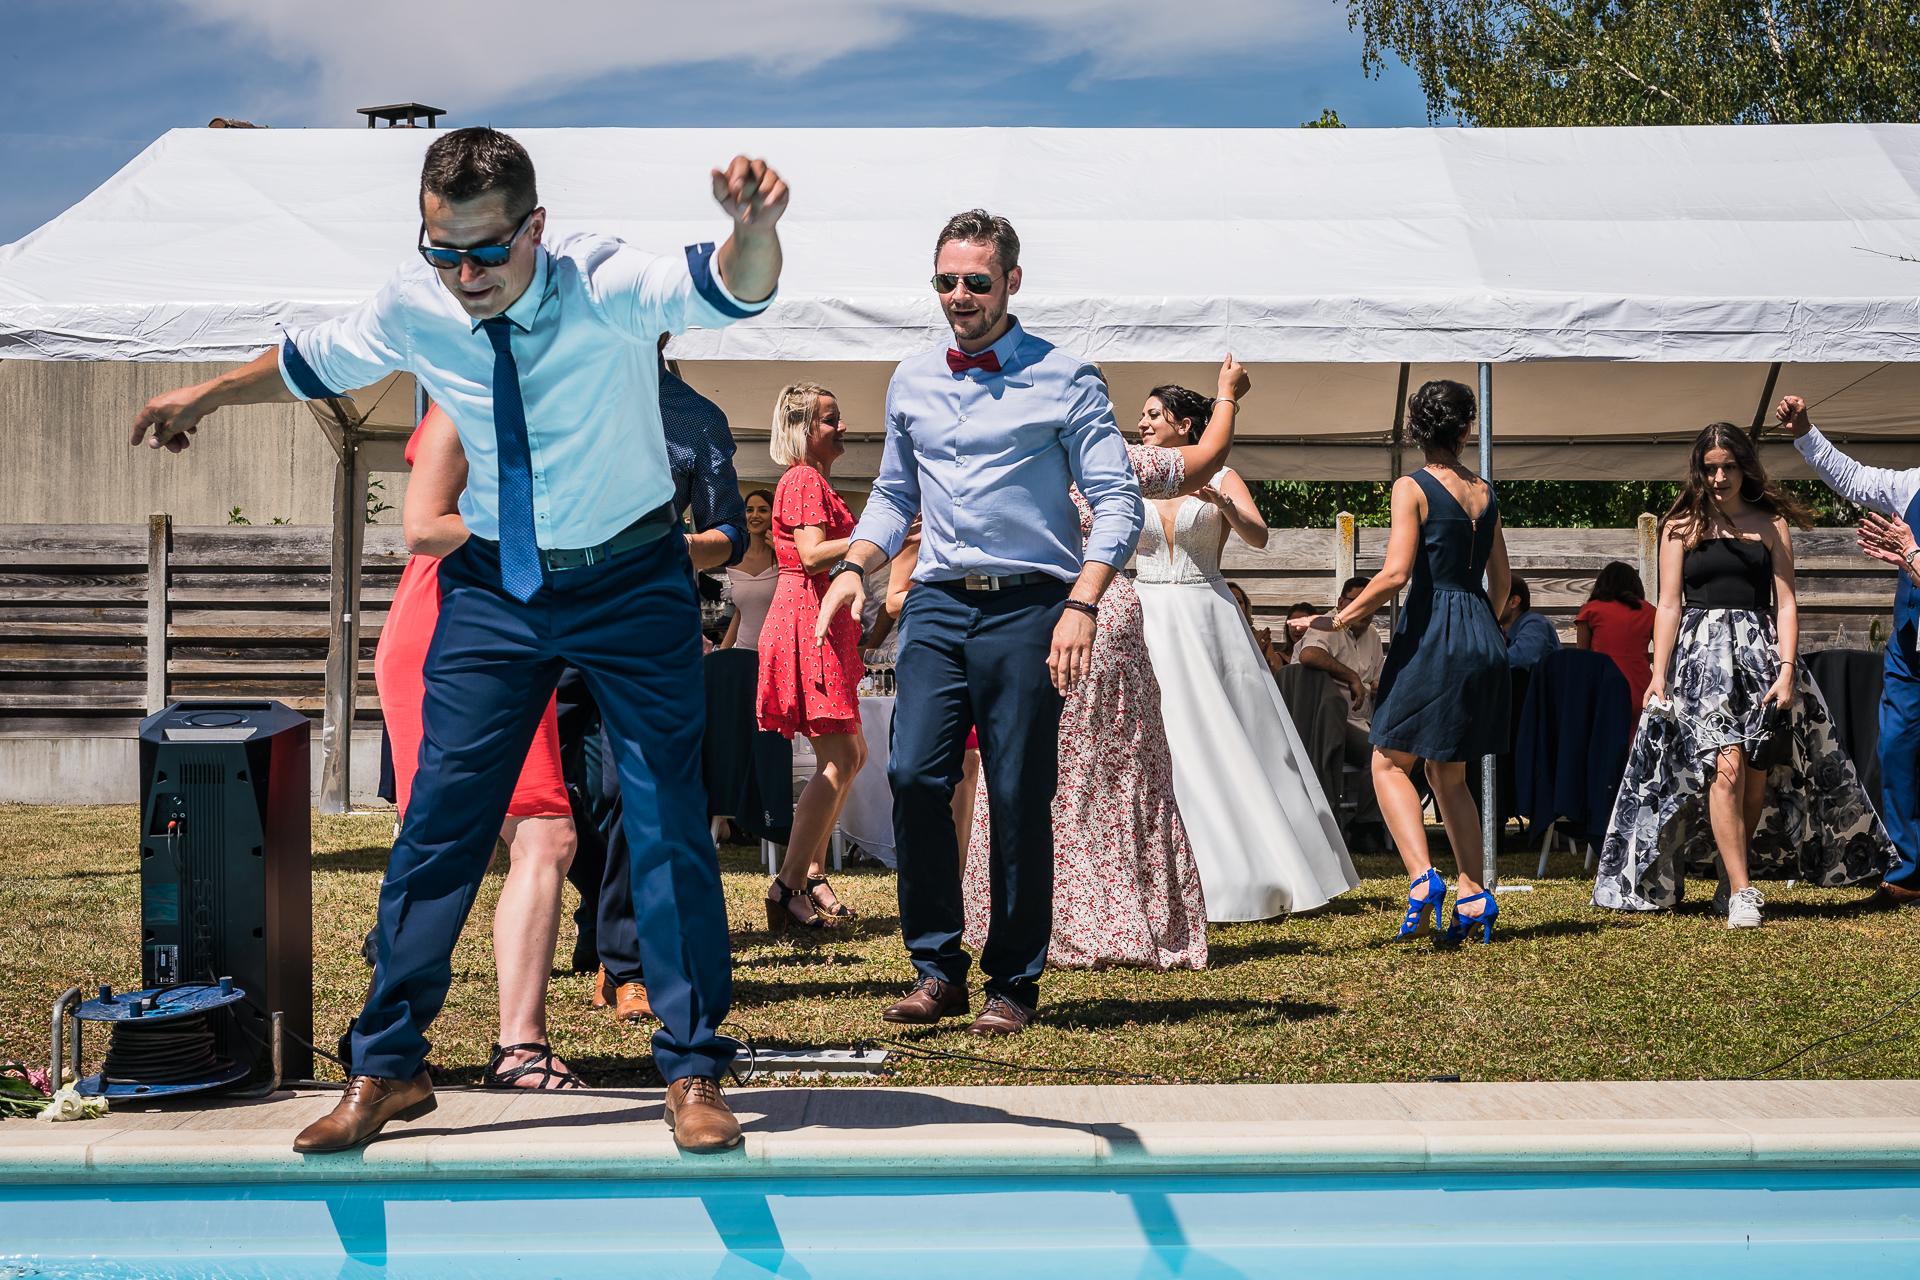 Frankreich Fotografie von einem Hinterhof Elopement am Pool | Ein Pool-Vorfall ist passiert